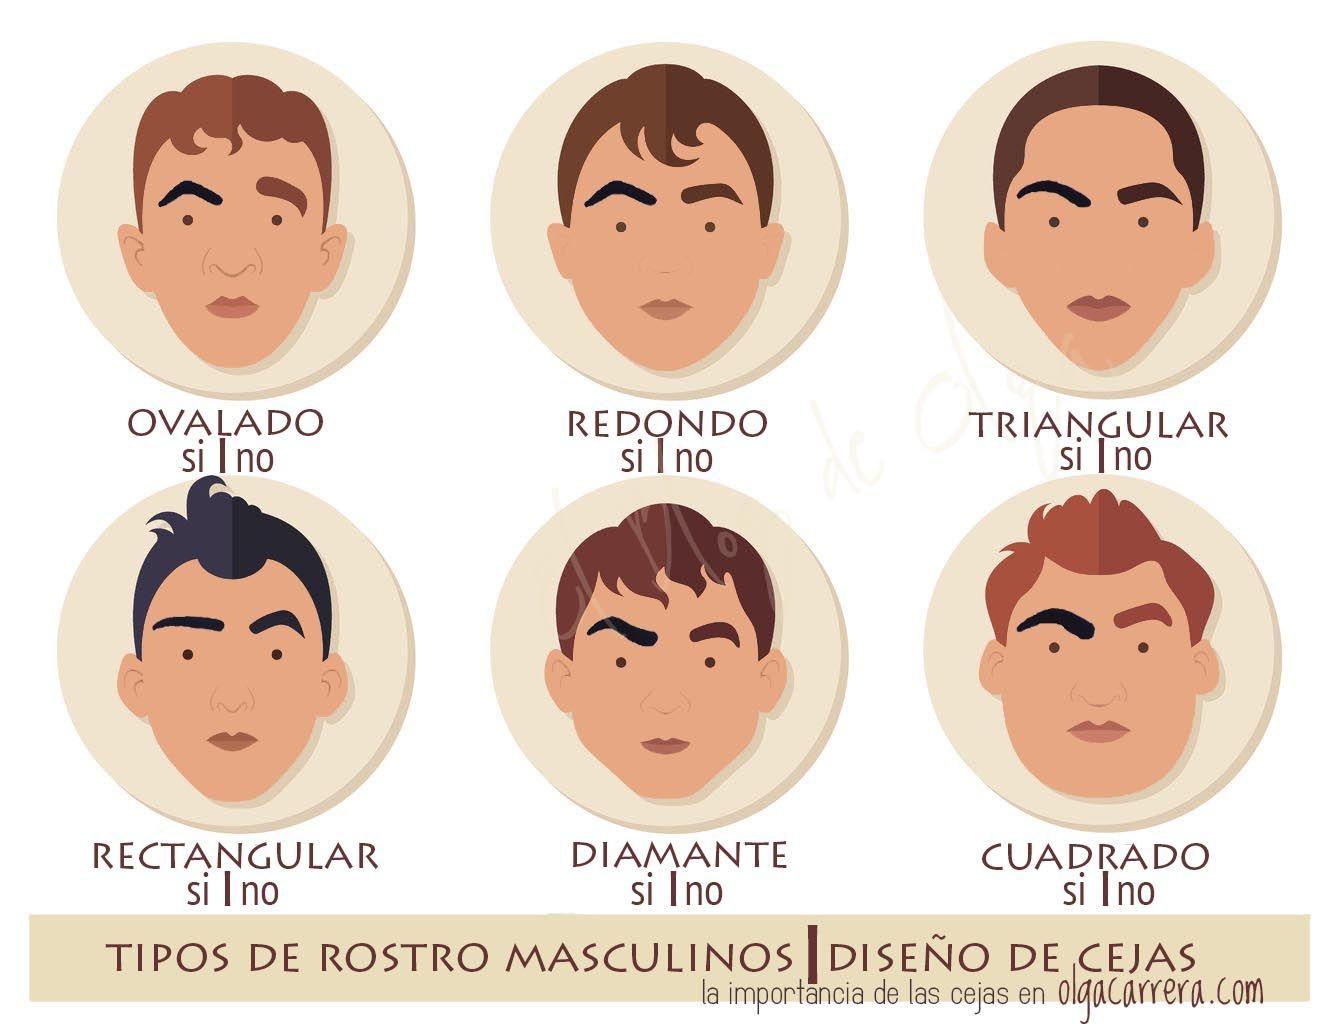 Cejas De Hombre cejas y chicos. más sobre la depilación de cejas masculina